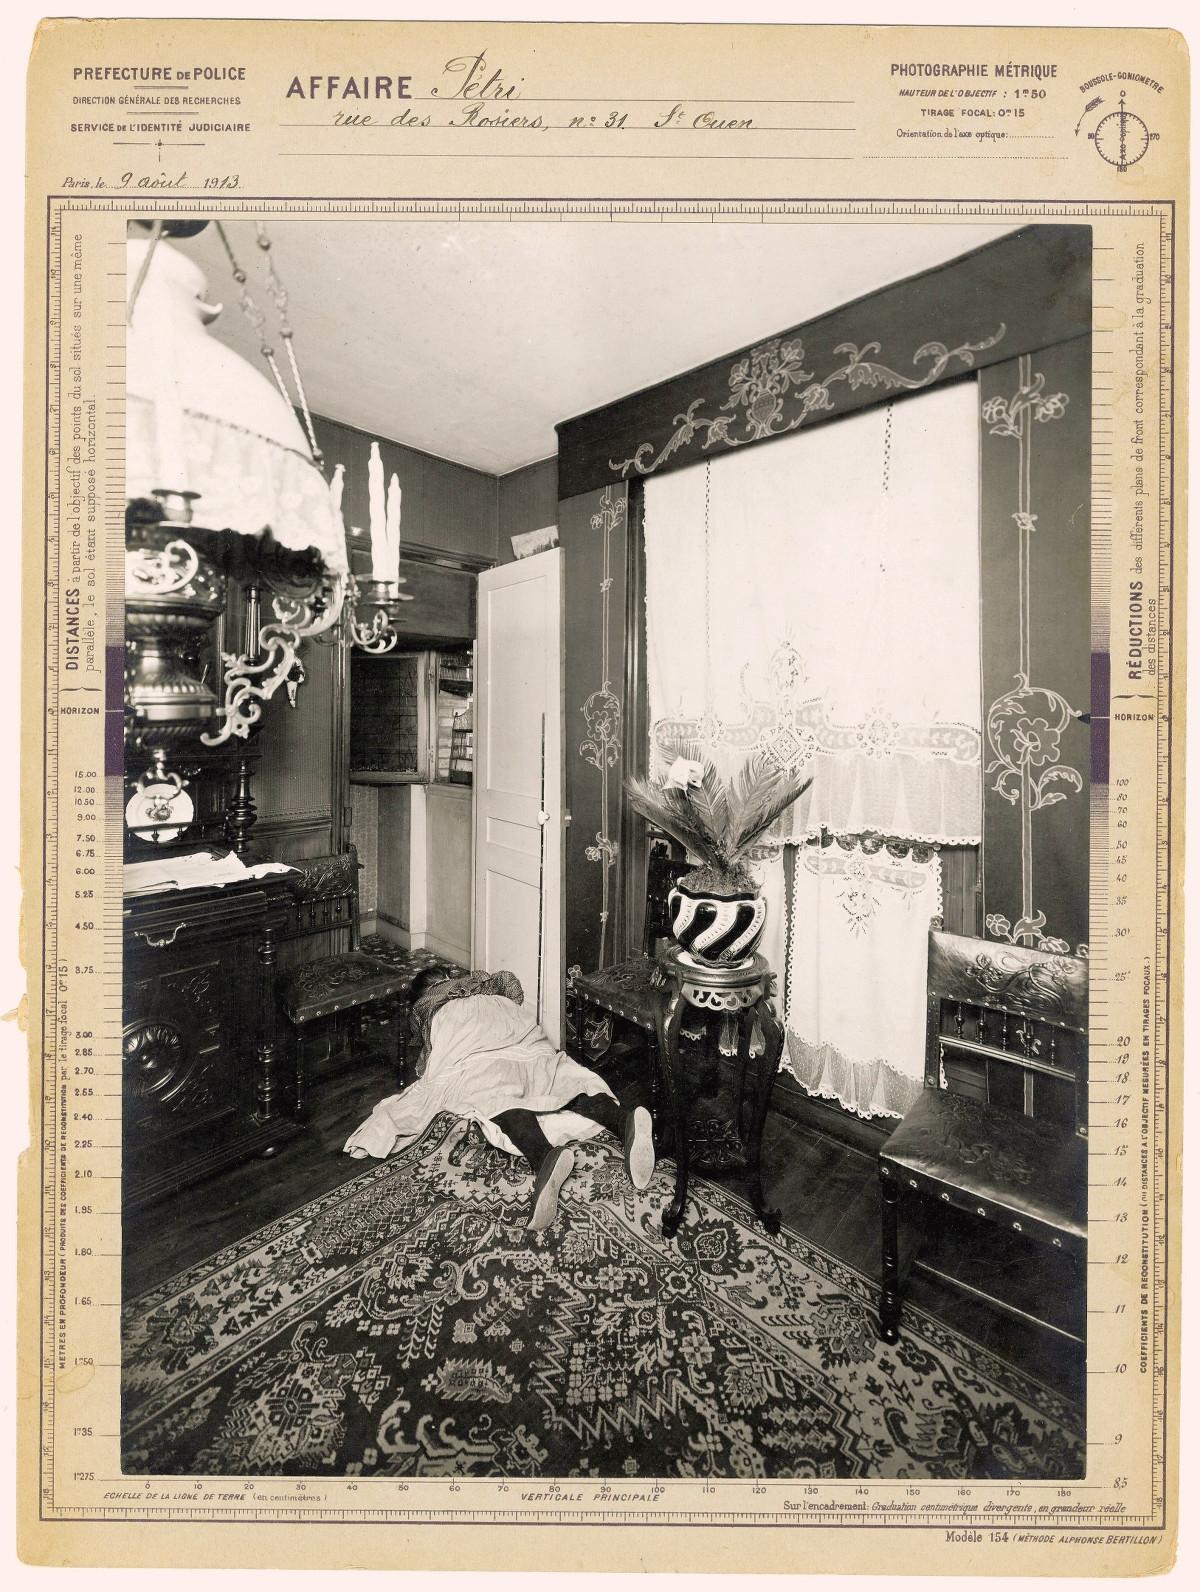 Em 9 de agosto de 1913, uma mulher idosa foi encontrada de bruços na Rue des Rosiers, 31, em Saint-Ouen. Parece que os pássaros que estão nas gaiolas ao fundo foram as únicas testemunhas do crime.